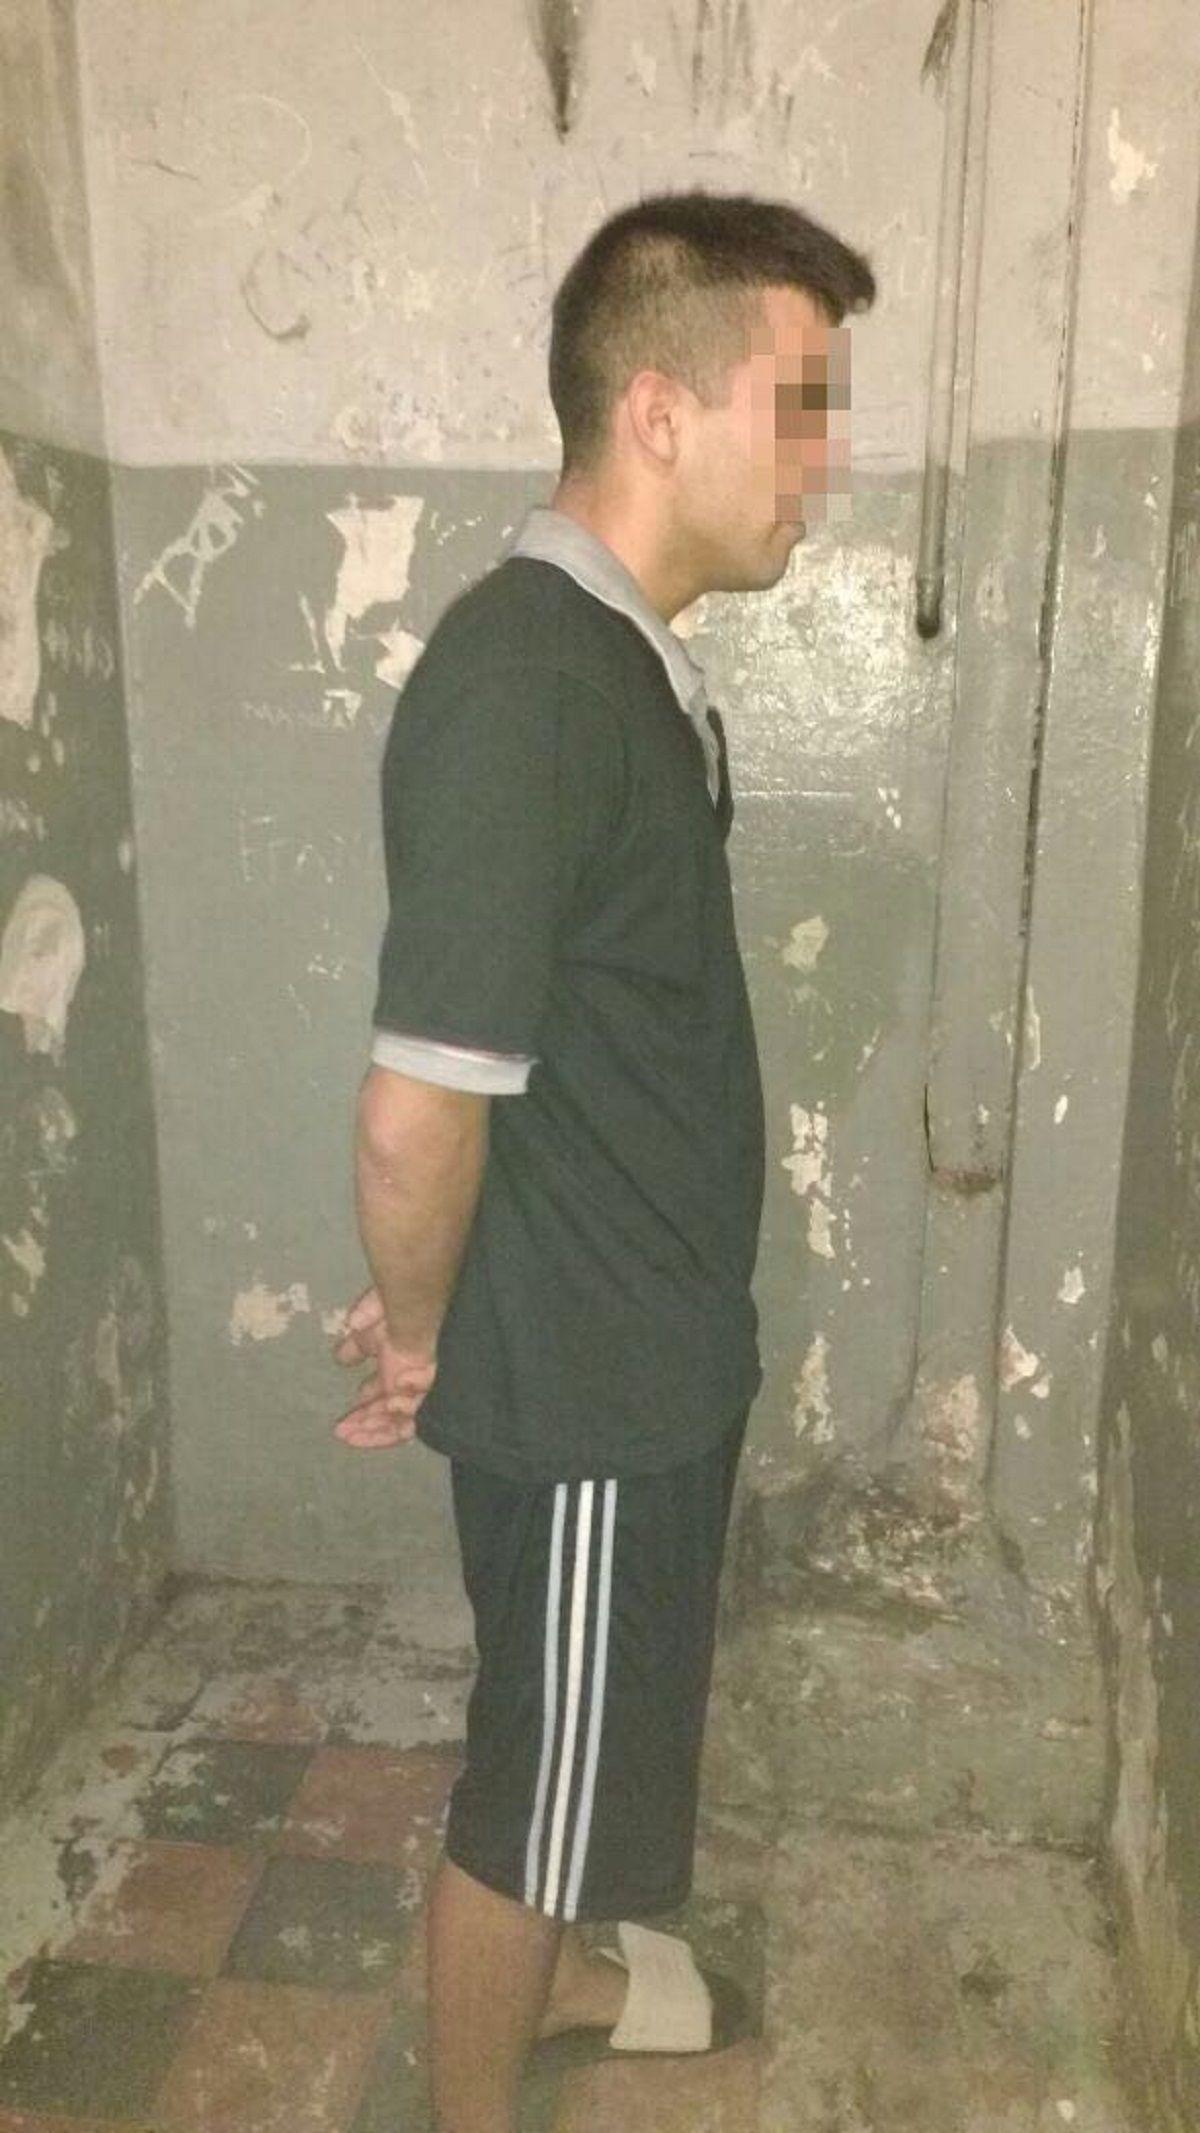 Mickey al ser detenido